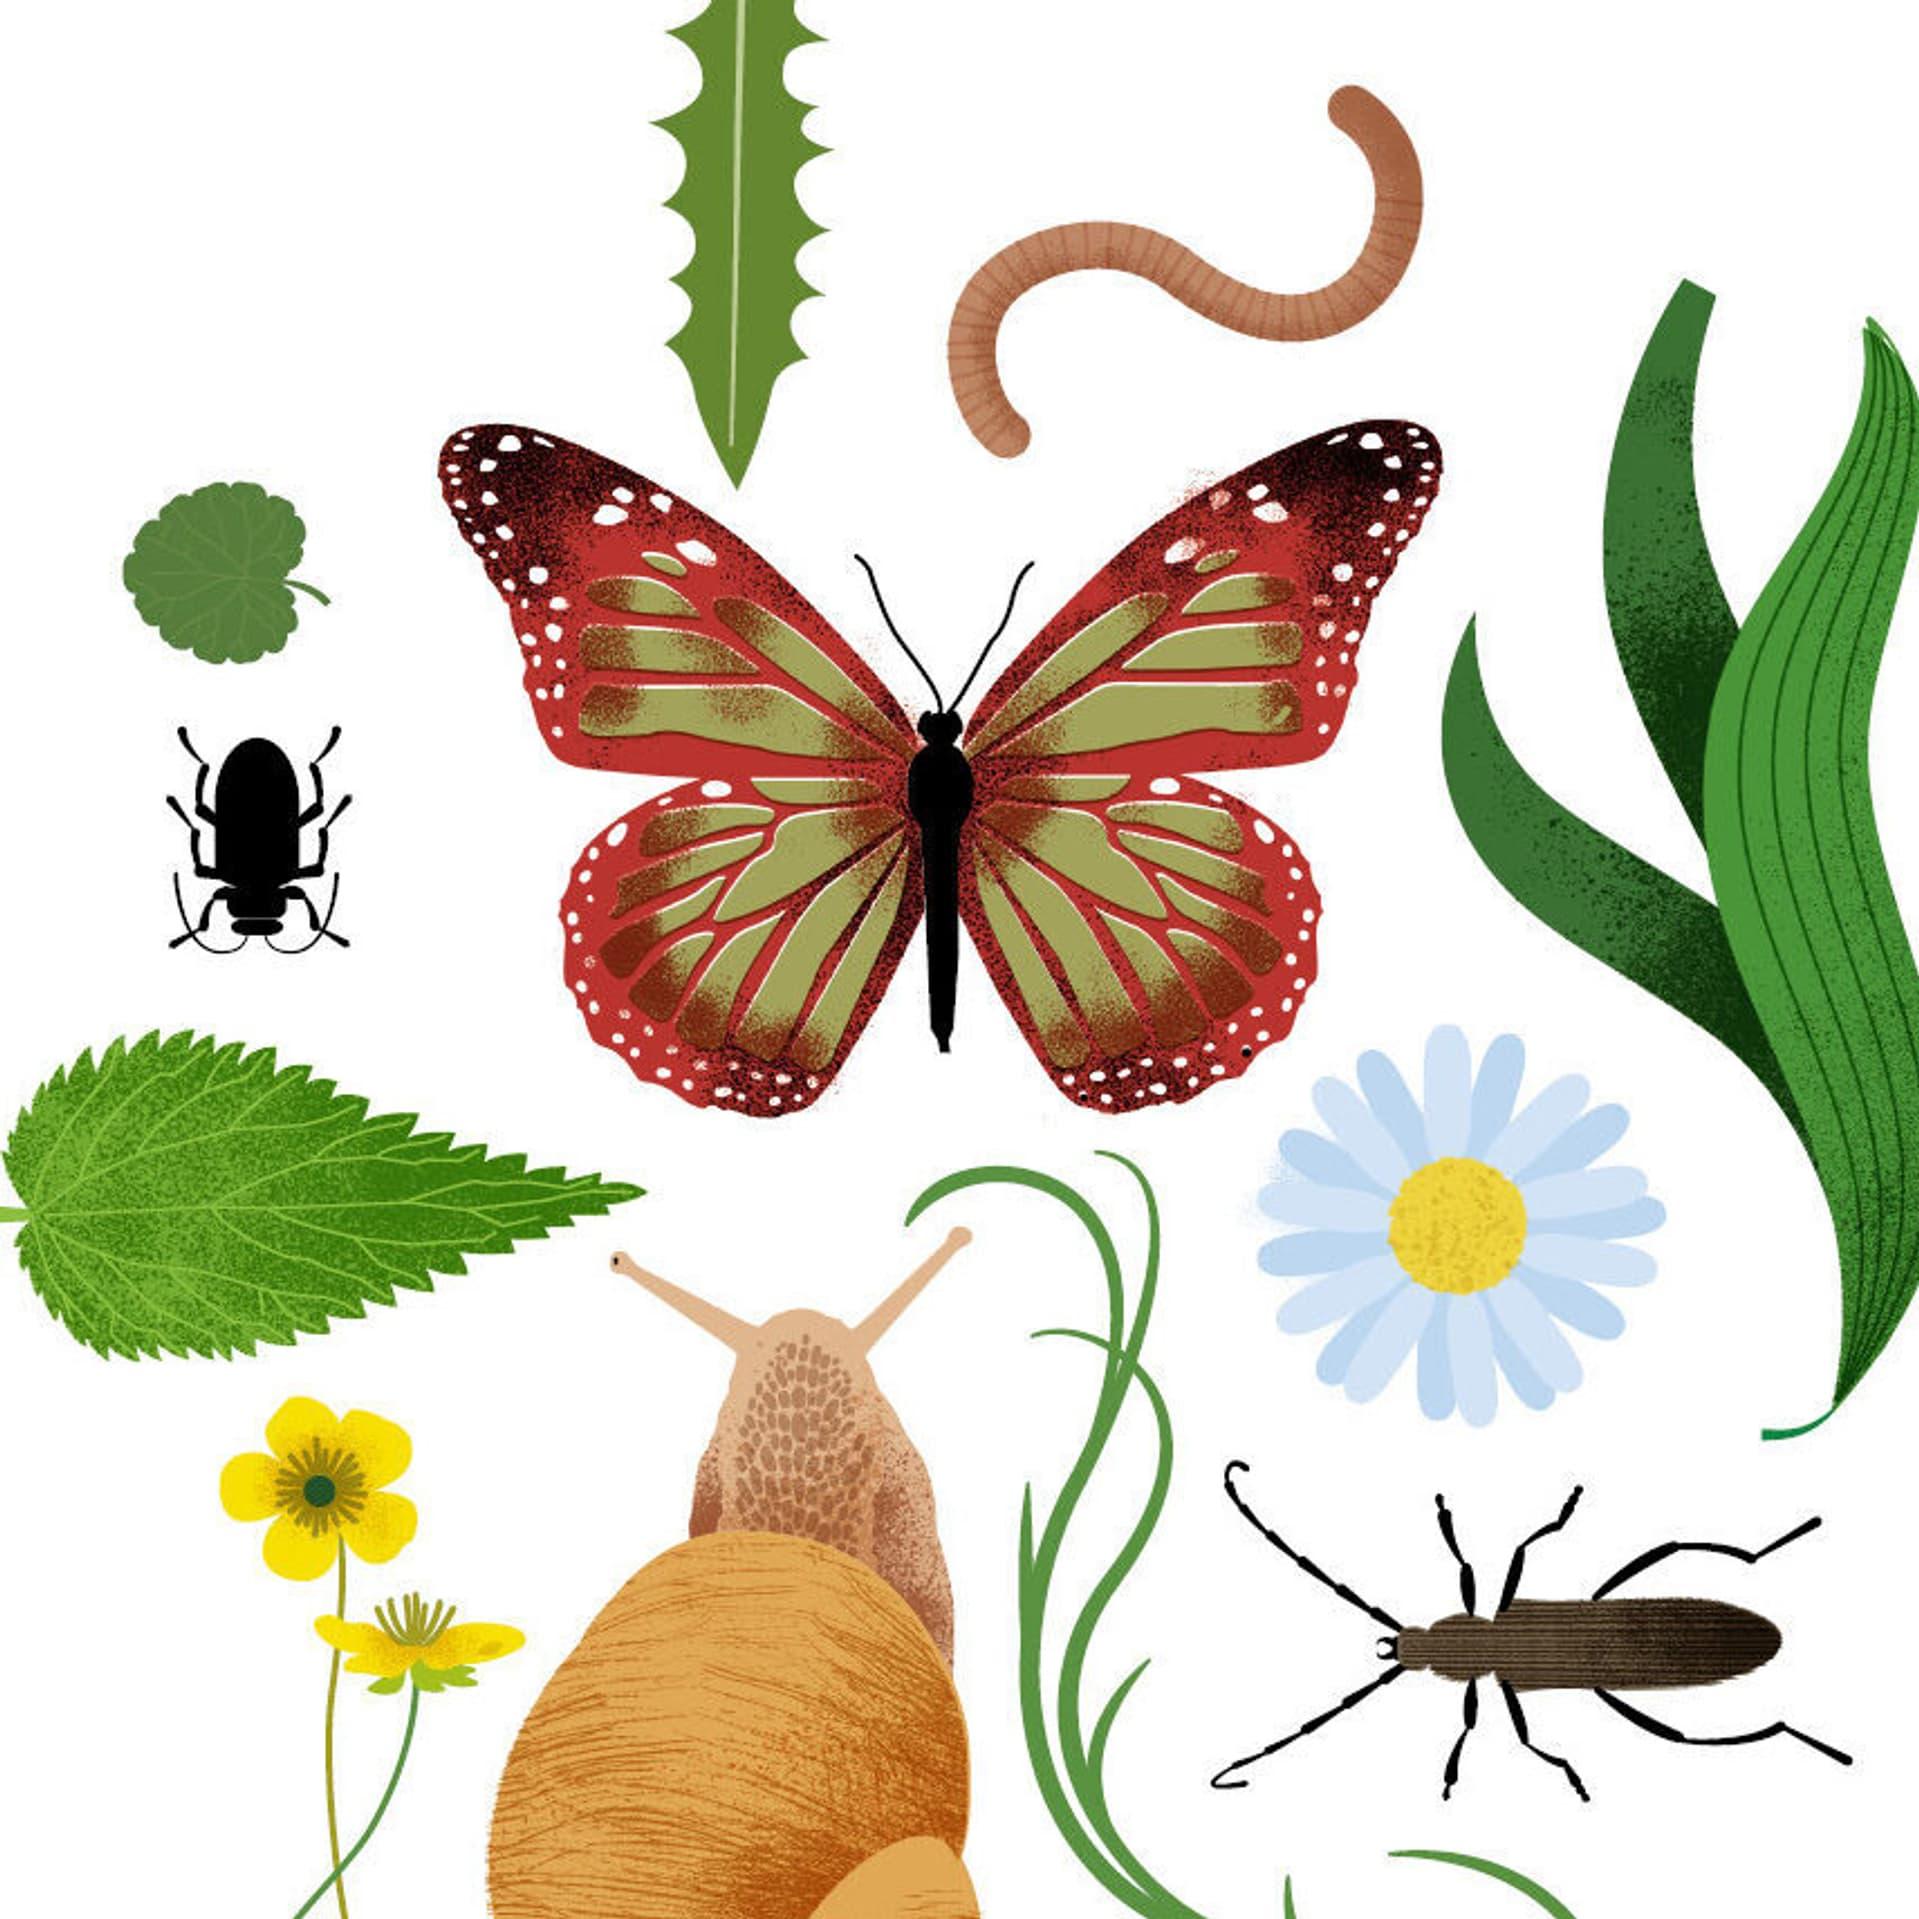 Illustration mit allerlei Tieren und Pflanzen.